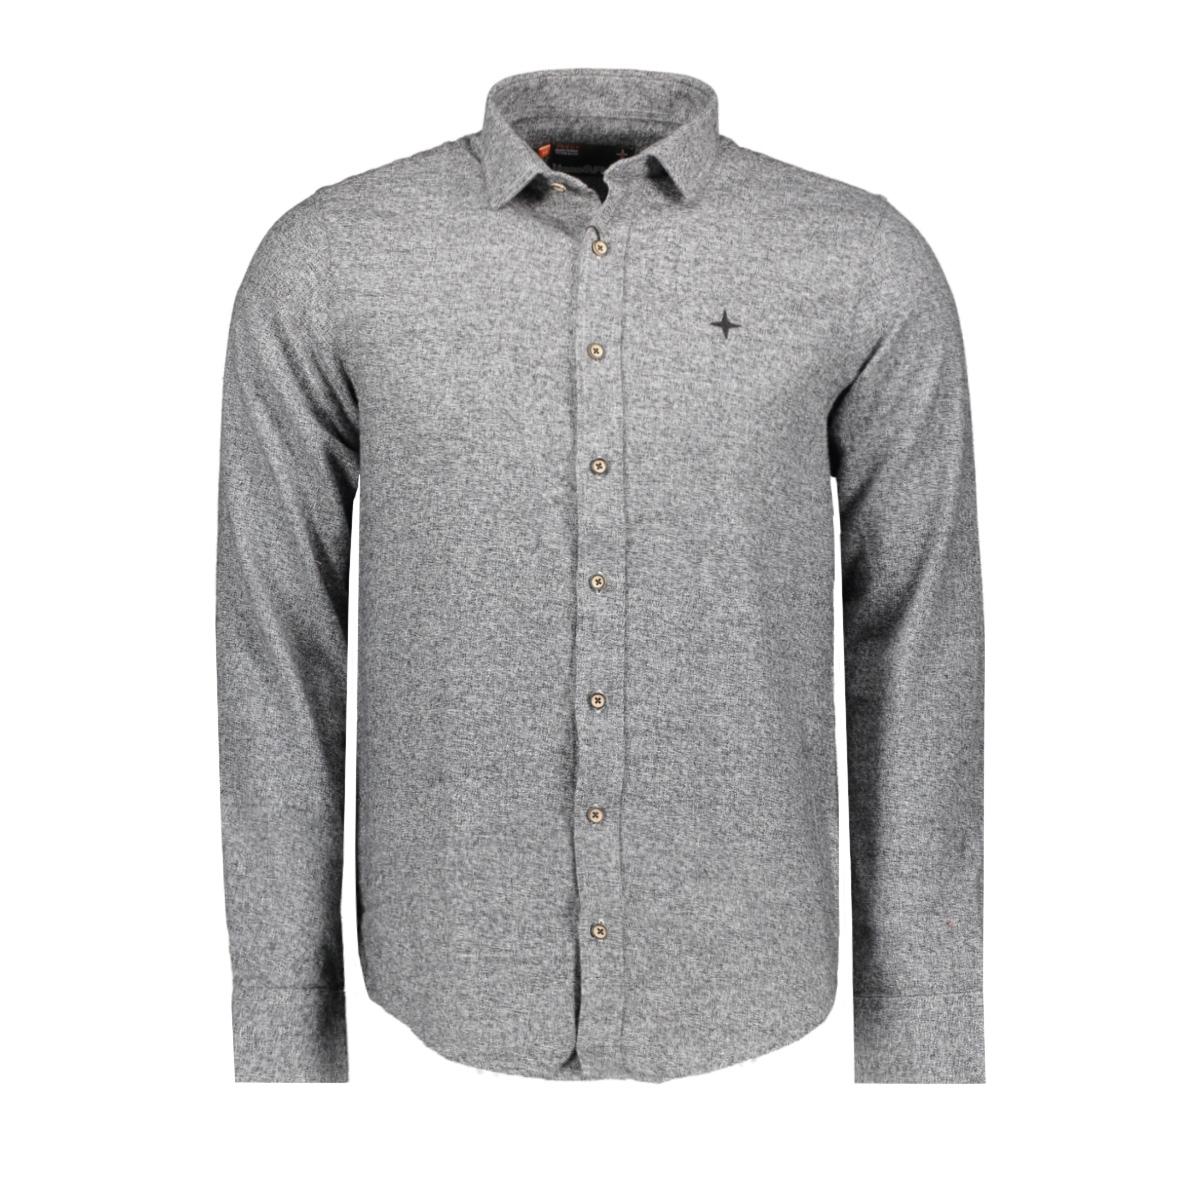 mu10-0107 haze & finn overhemd grey